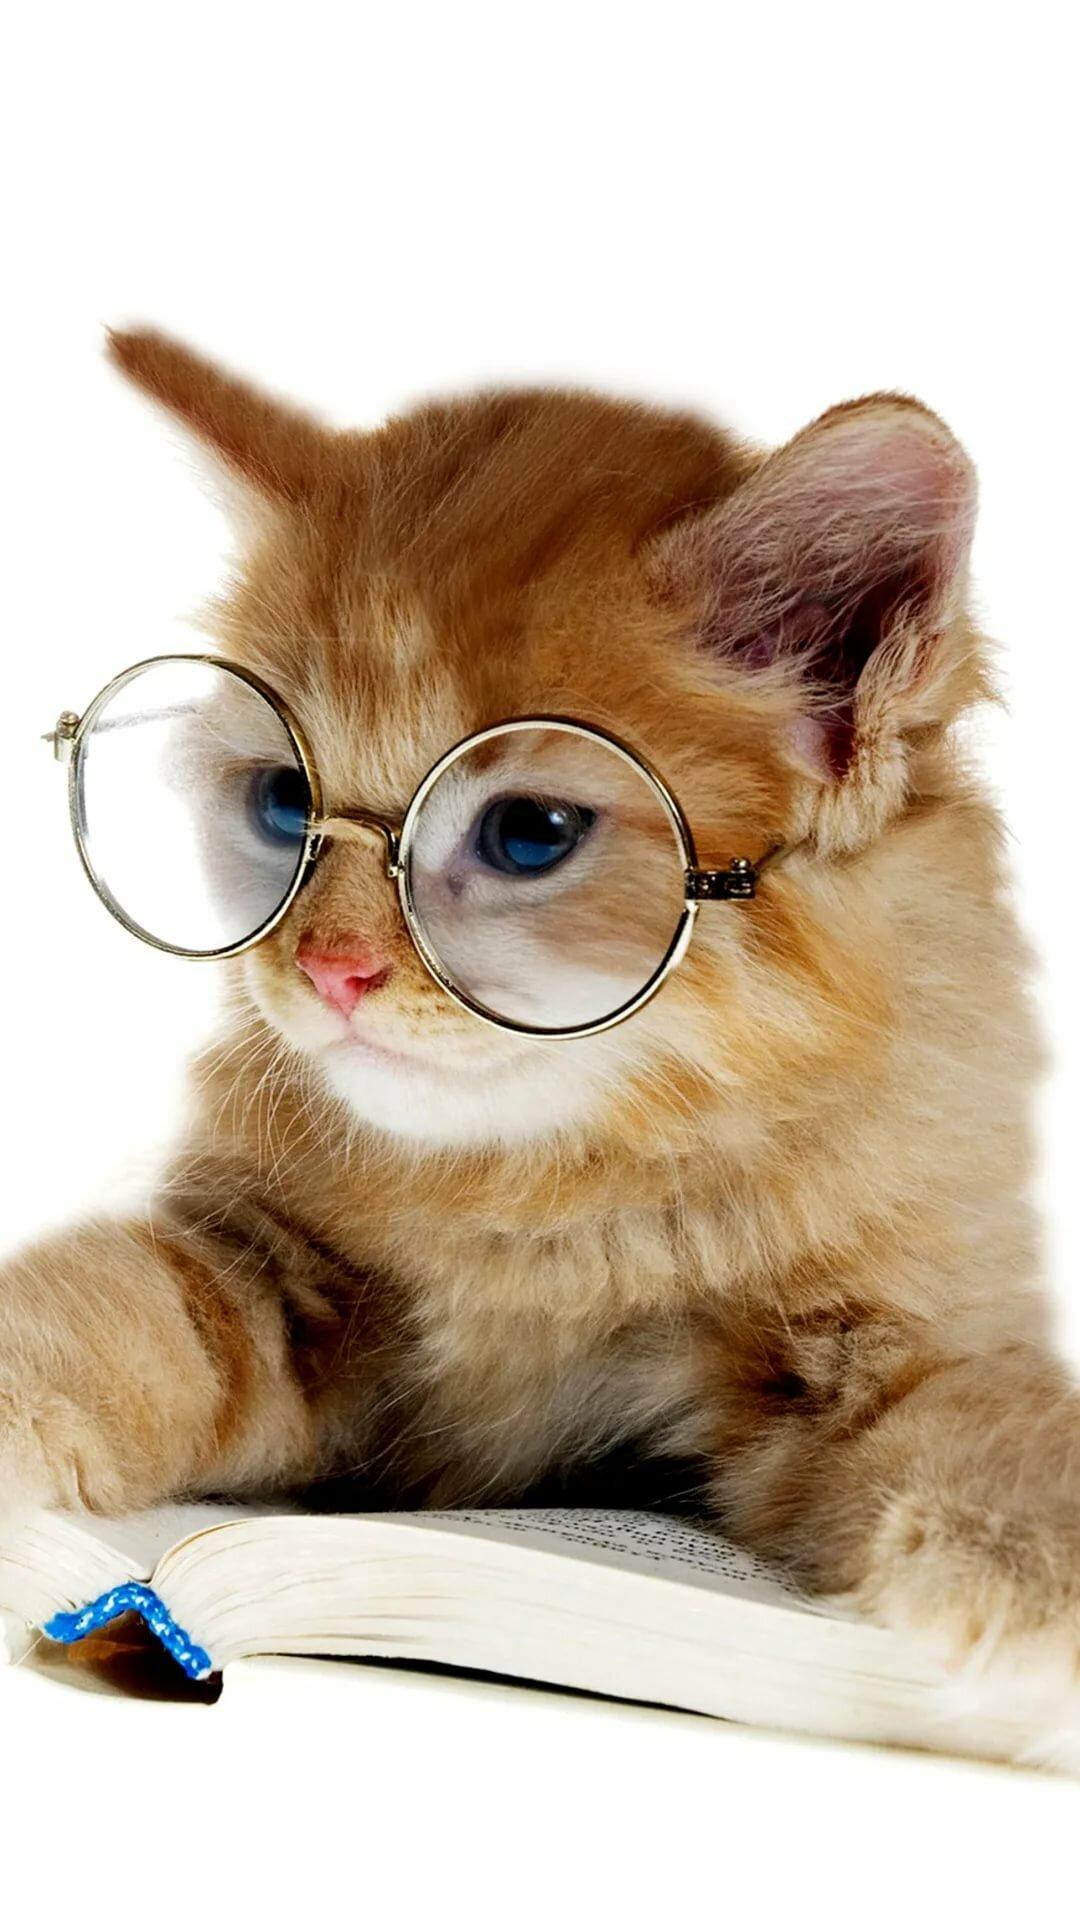 подтверждением этому картинки с котята в очках возрасте